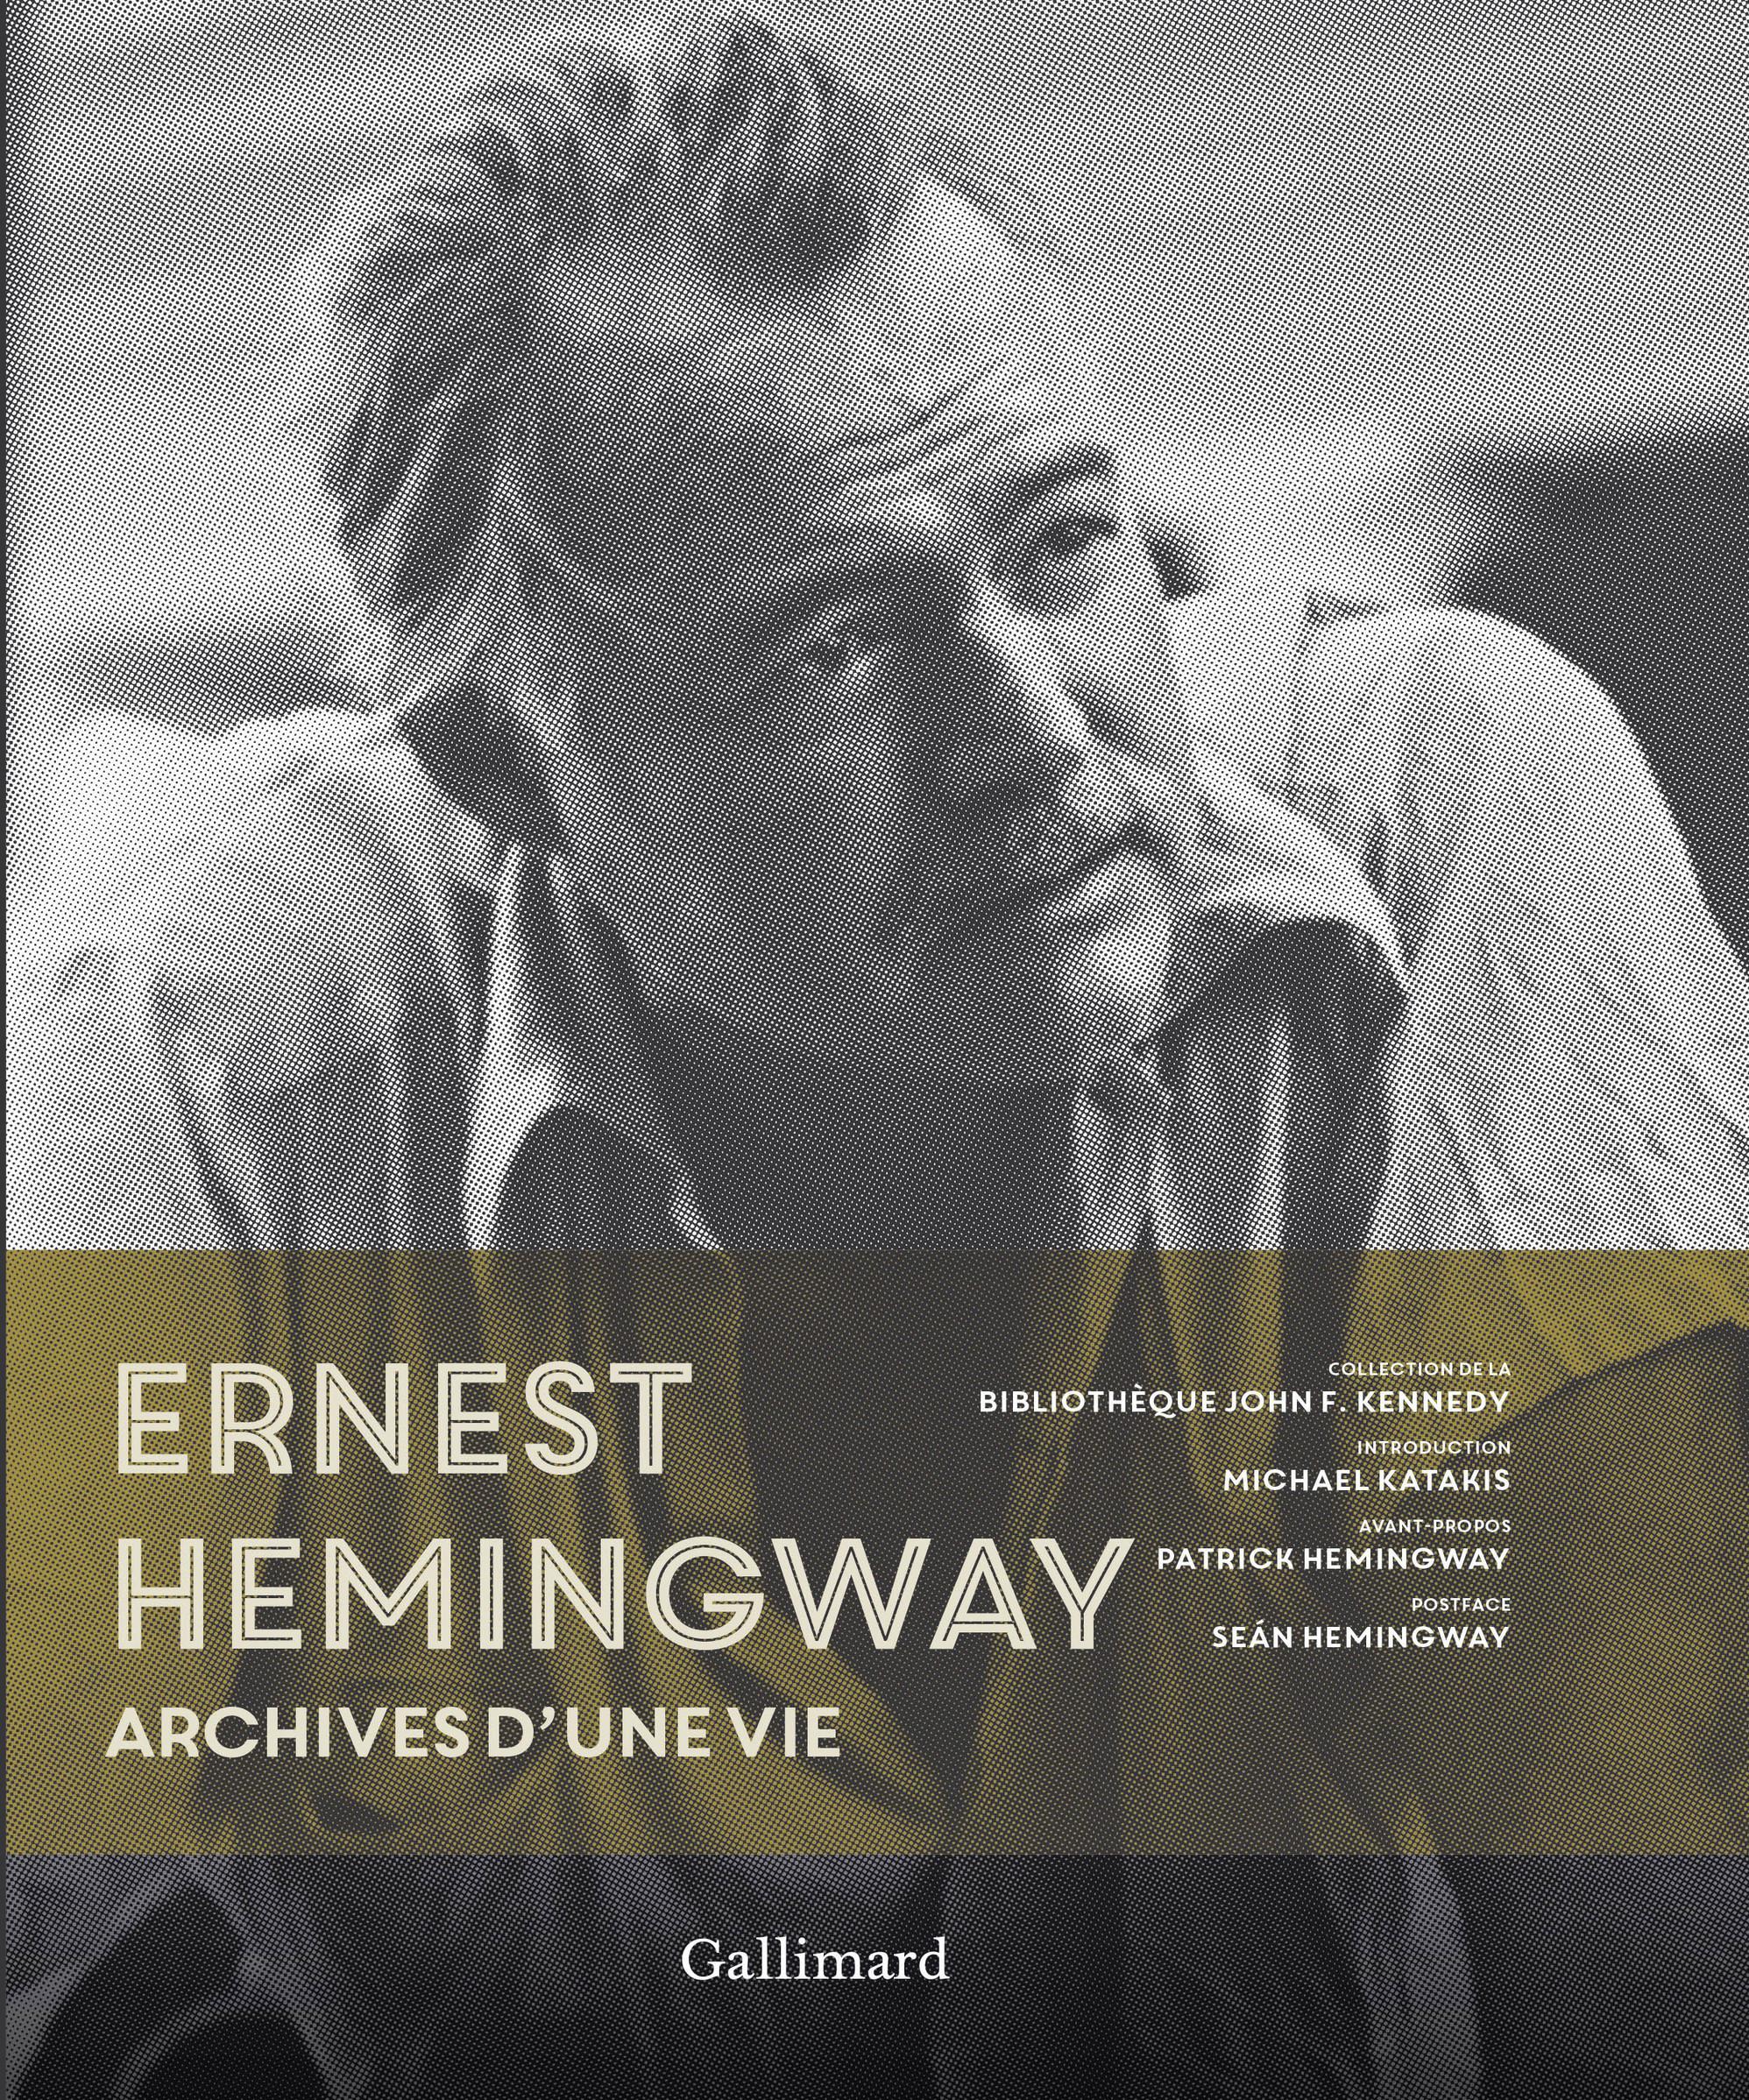 Ernest Hemingway. Archives d'une vie